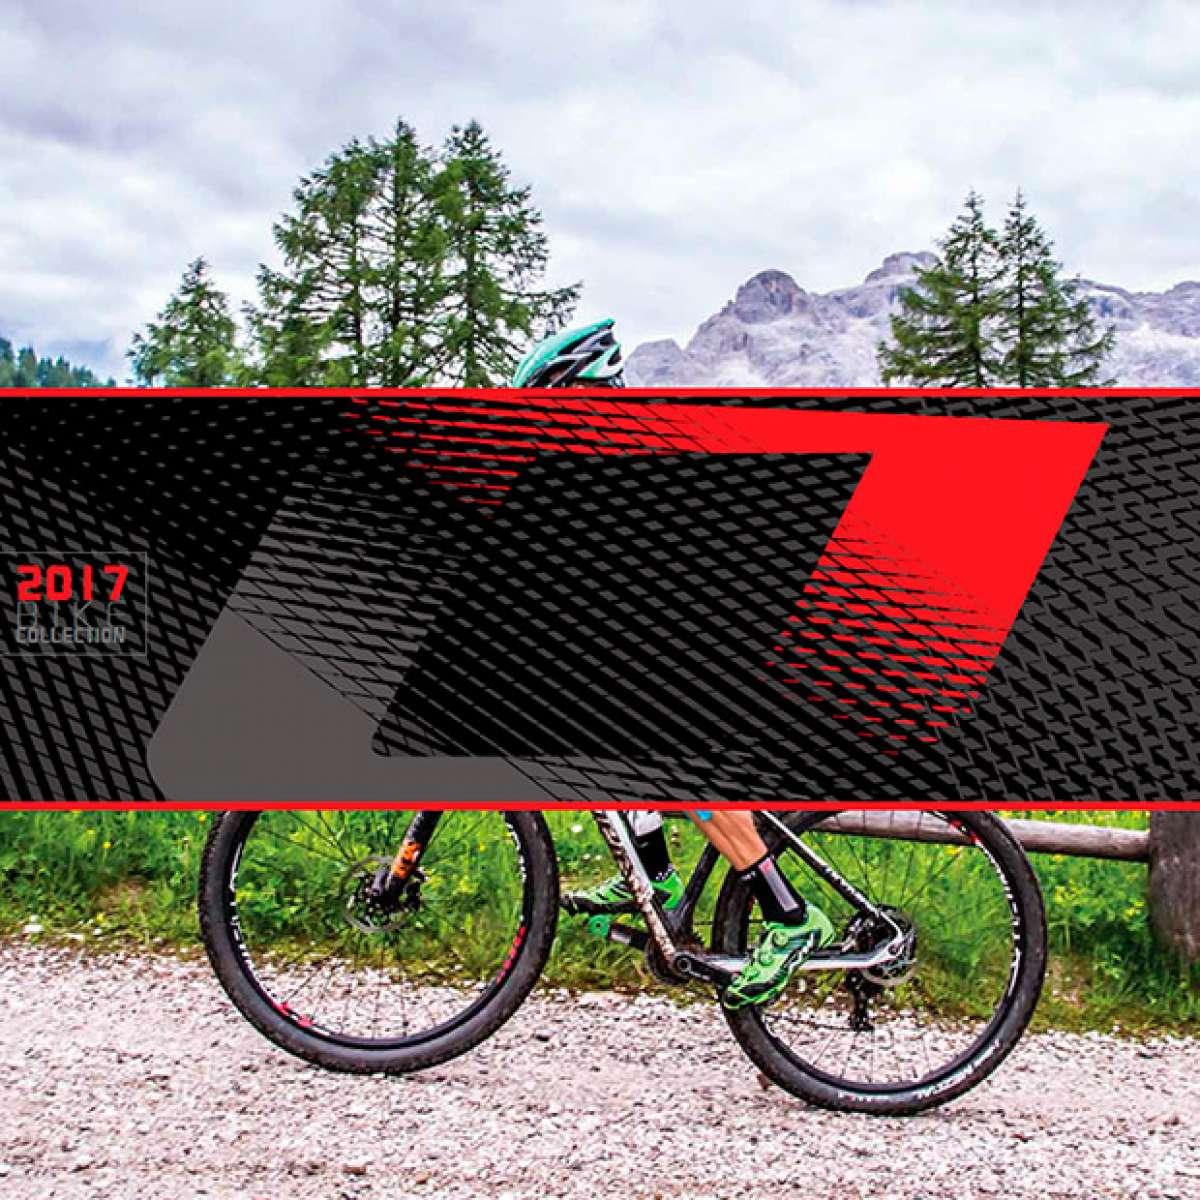 Catálogo de Olympia 2017. Toda la gama de bicicletas Olympia para la temporada 2017